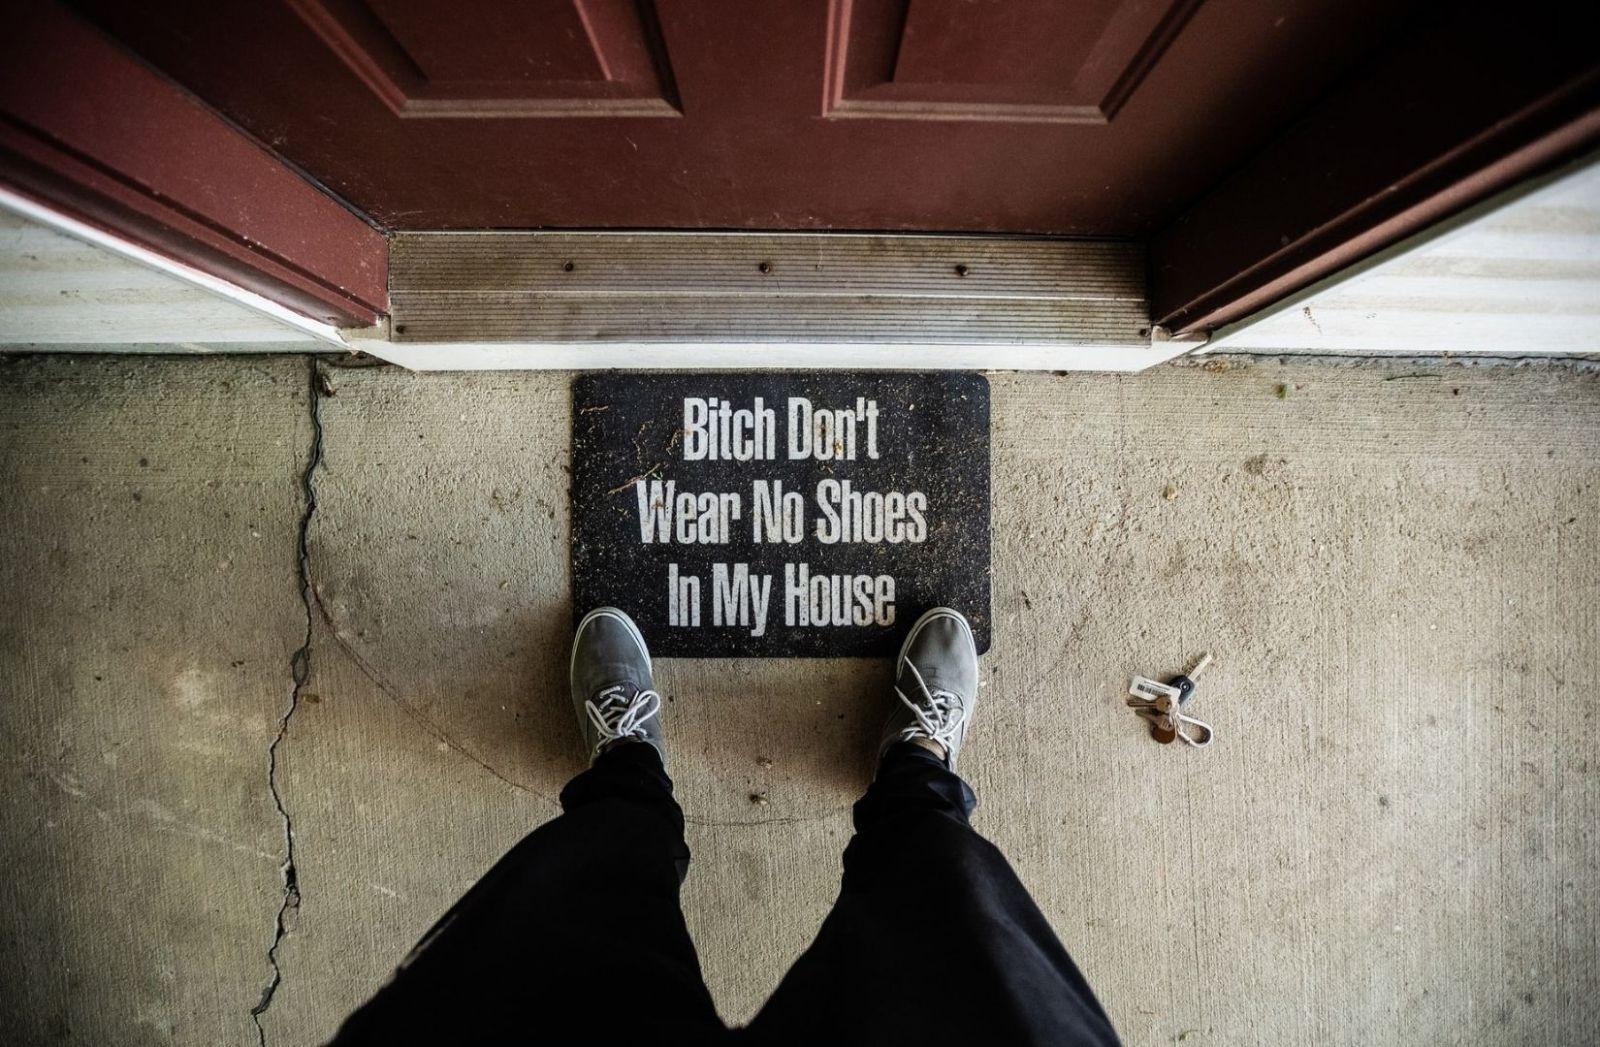 Krieg ist eine Bitch, die wir nicht im Haus haben wollen. (Foto: Derrick Treadwell, Unsplash.com)